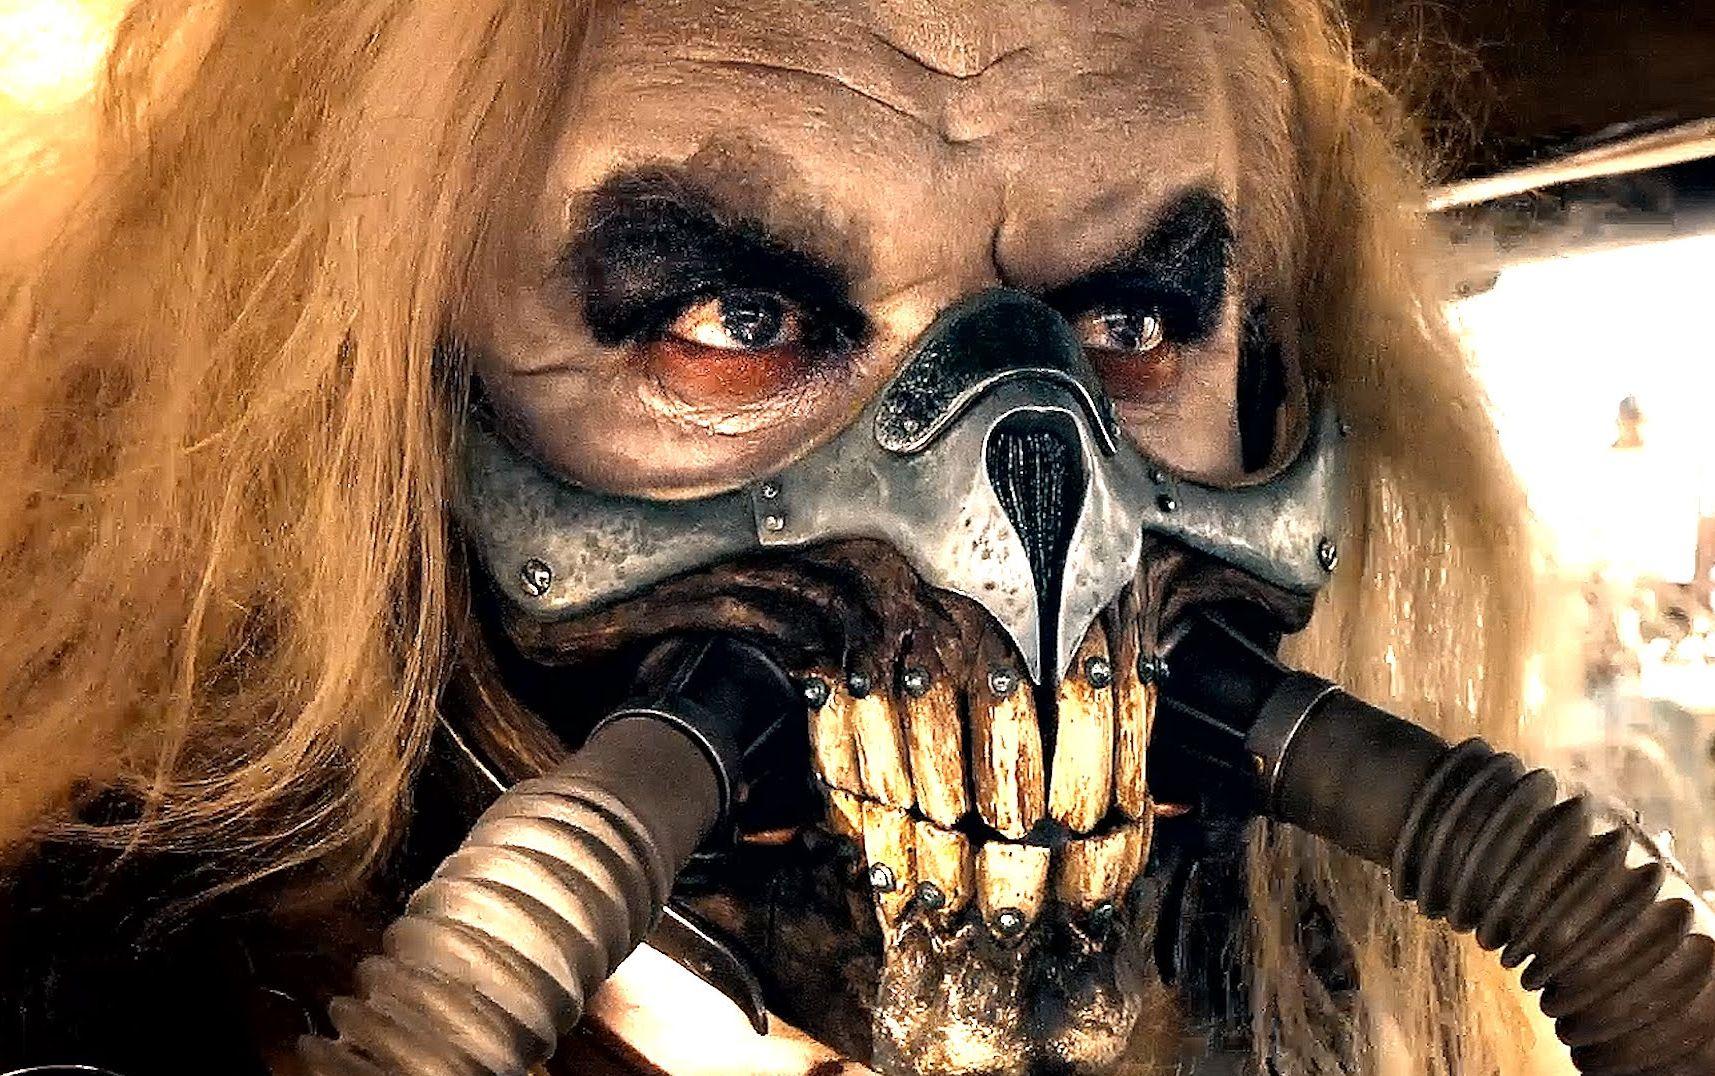 Nasty teeth mask Mad Max: Fury Road